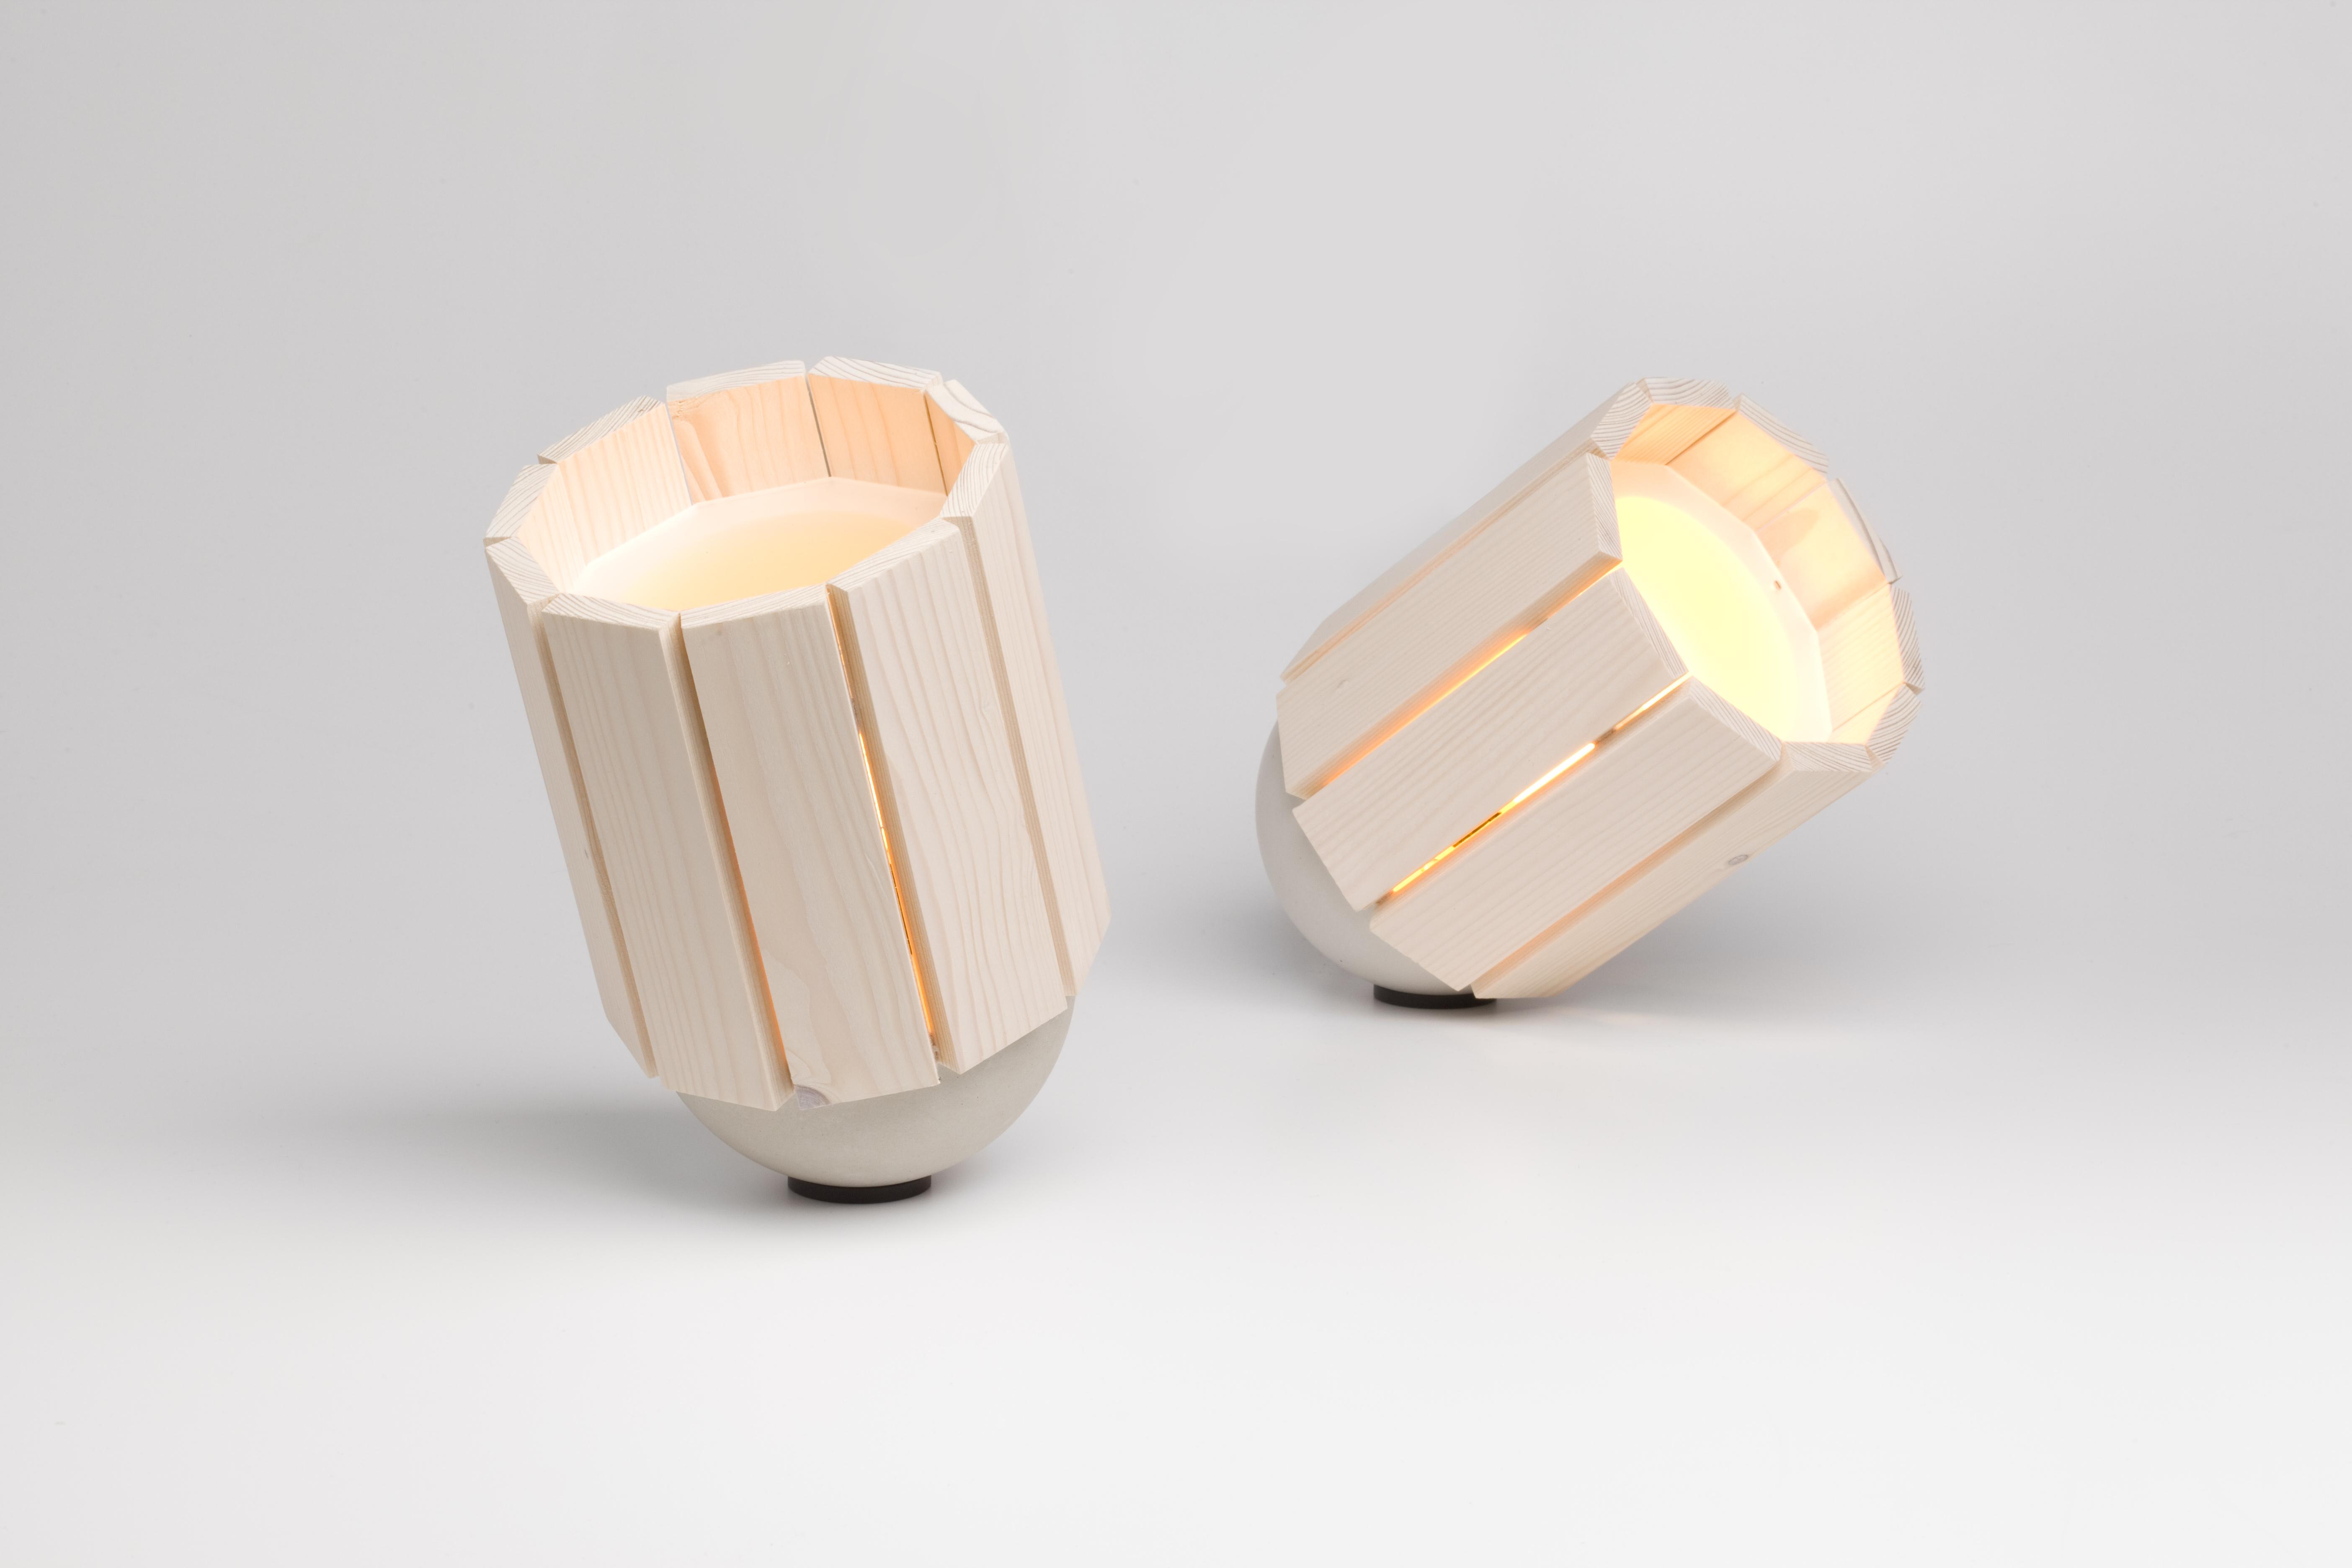 Baby Lampen Nl : New duivendrecht baby barrel lamp kopen? bestel online bij gimmii